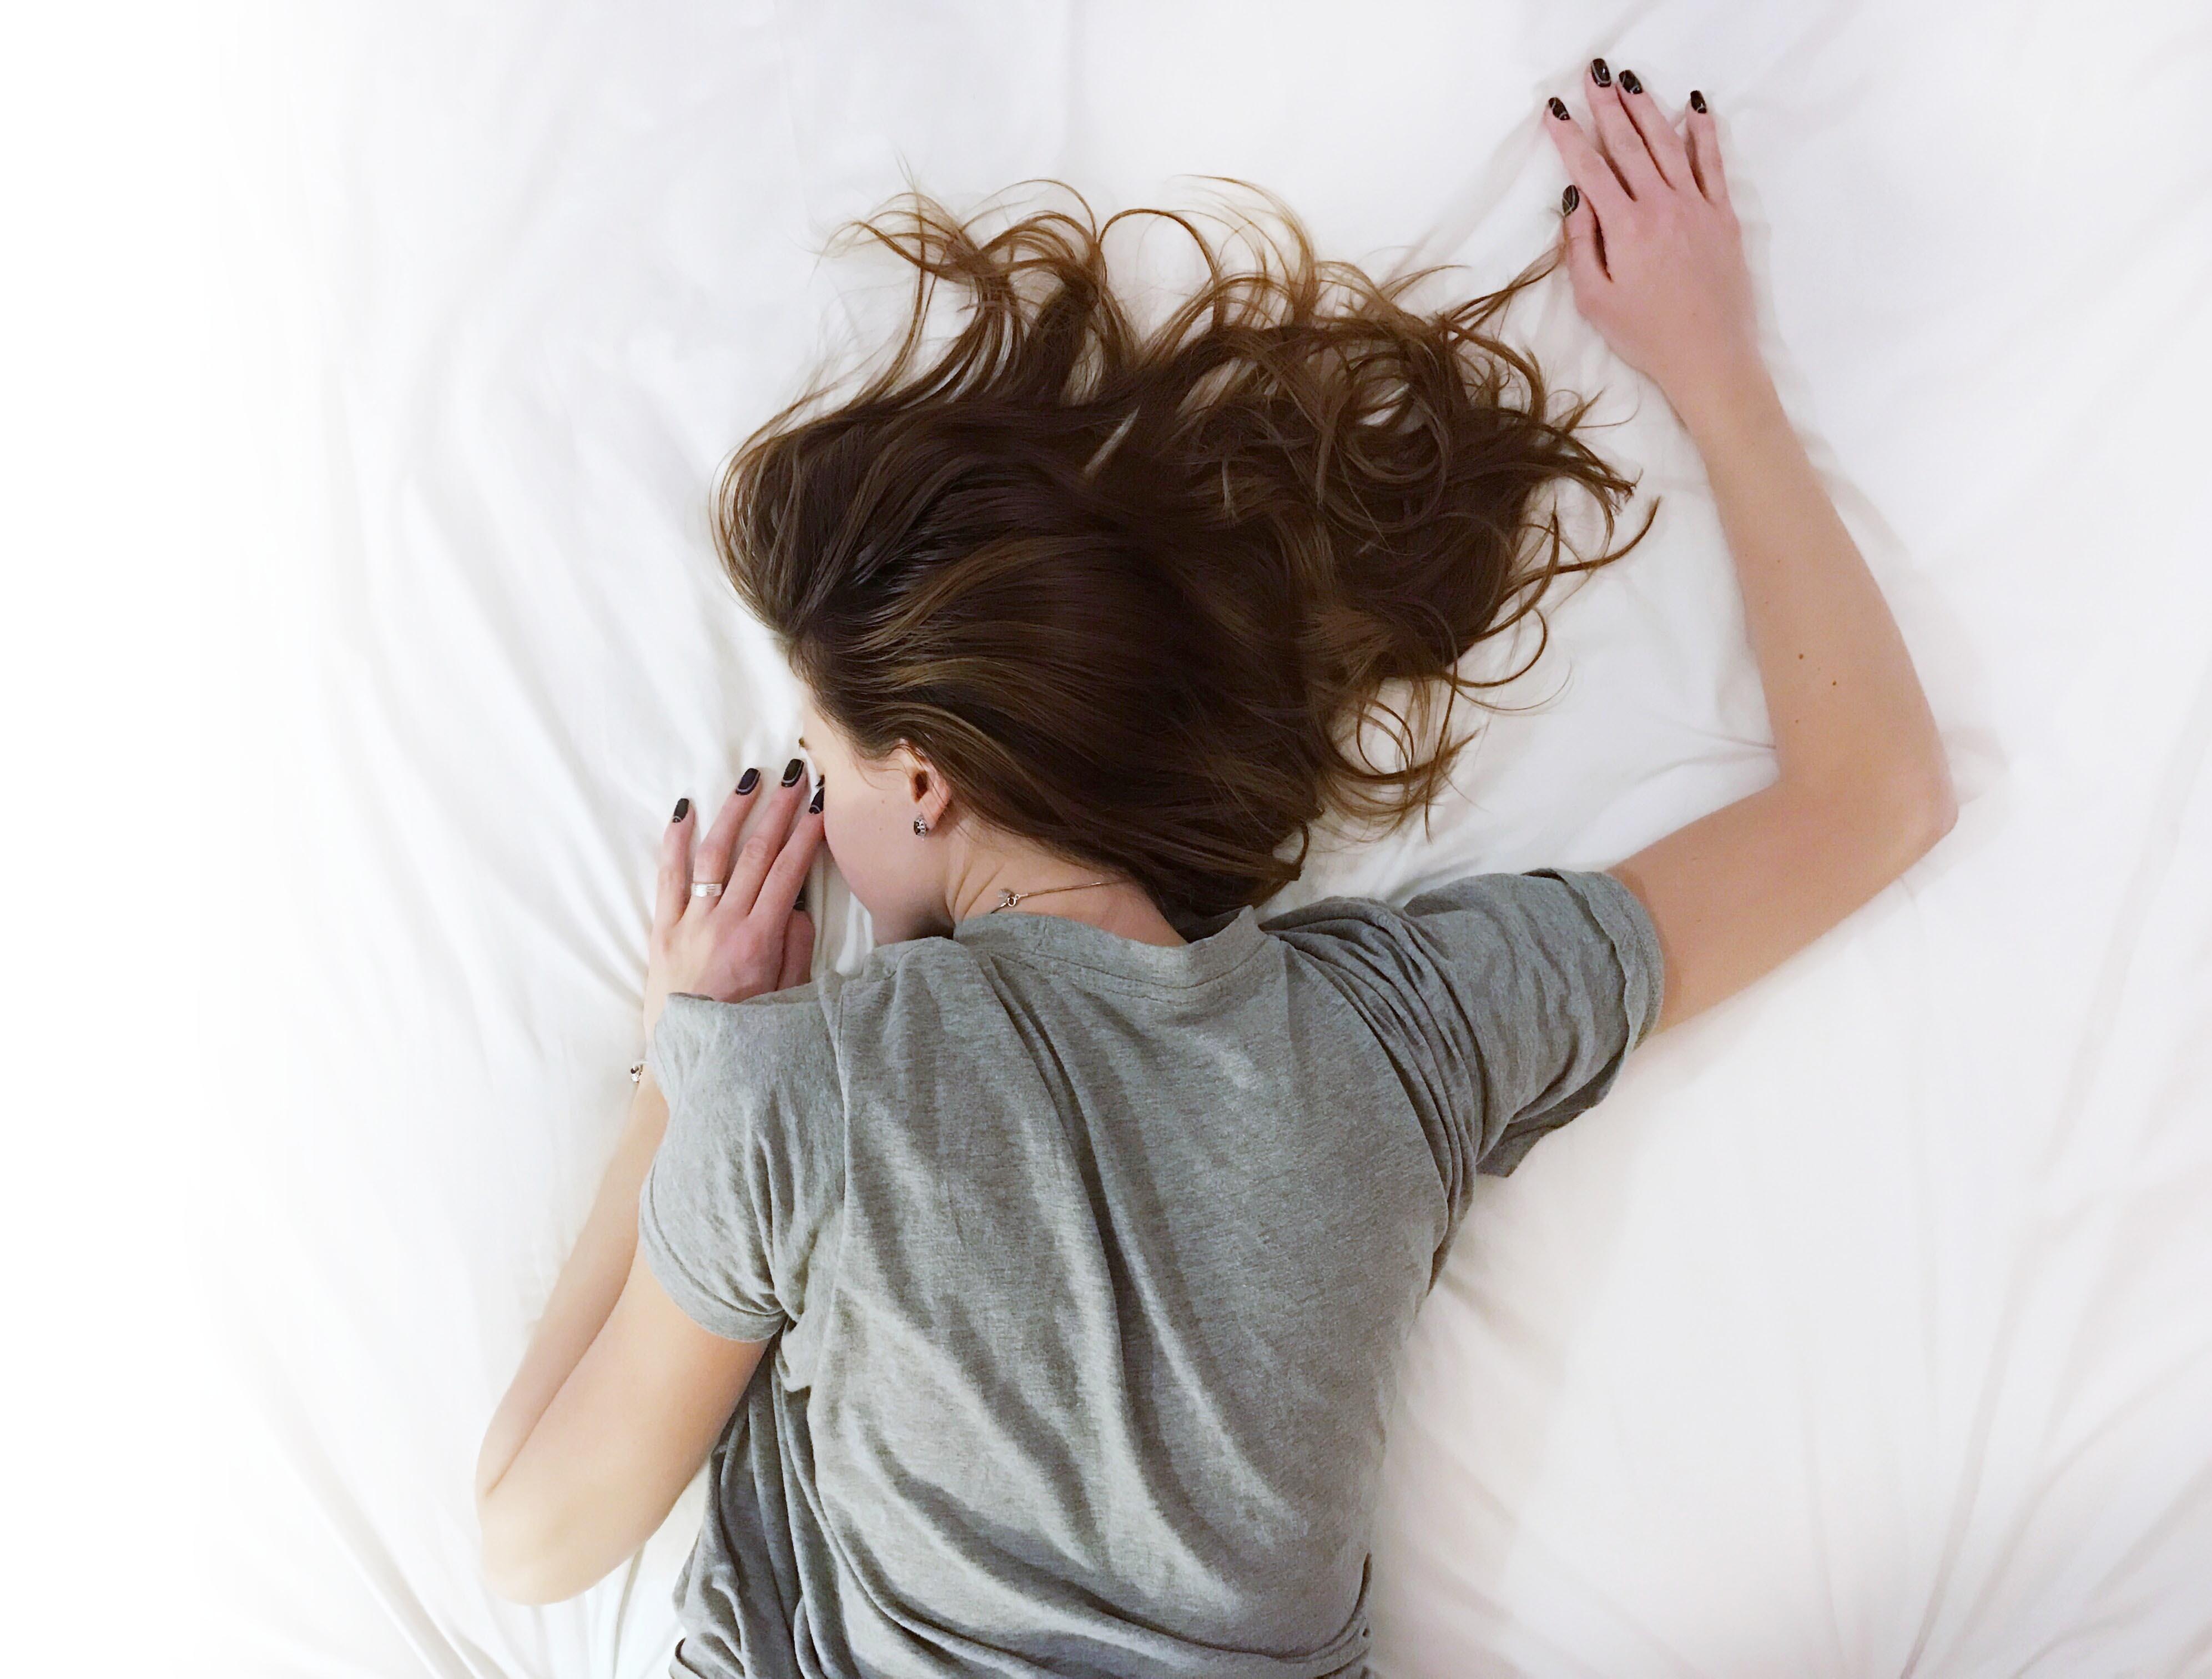 sommeil, sommeil paradoxal, sommeil profond, sommeil polyphasique, sommeil réparateur, sommeil agité, sommeil léger, comment trouver le sommeil, sommeil non réparateur, sommeil perturbé, sommeil et santé, musique pour sommeil profond, sommeil biphasique, Ma puissance mentale, programme, geoffrey, brochet, puissance mentale académie